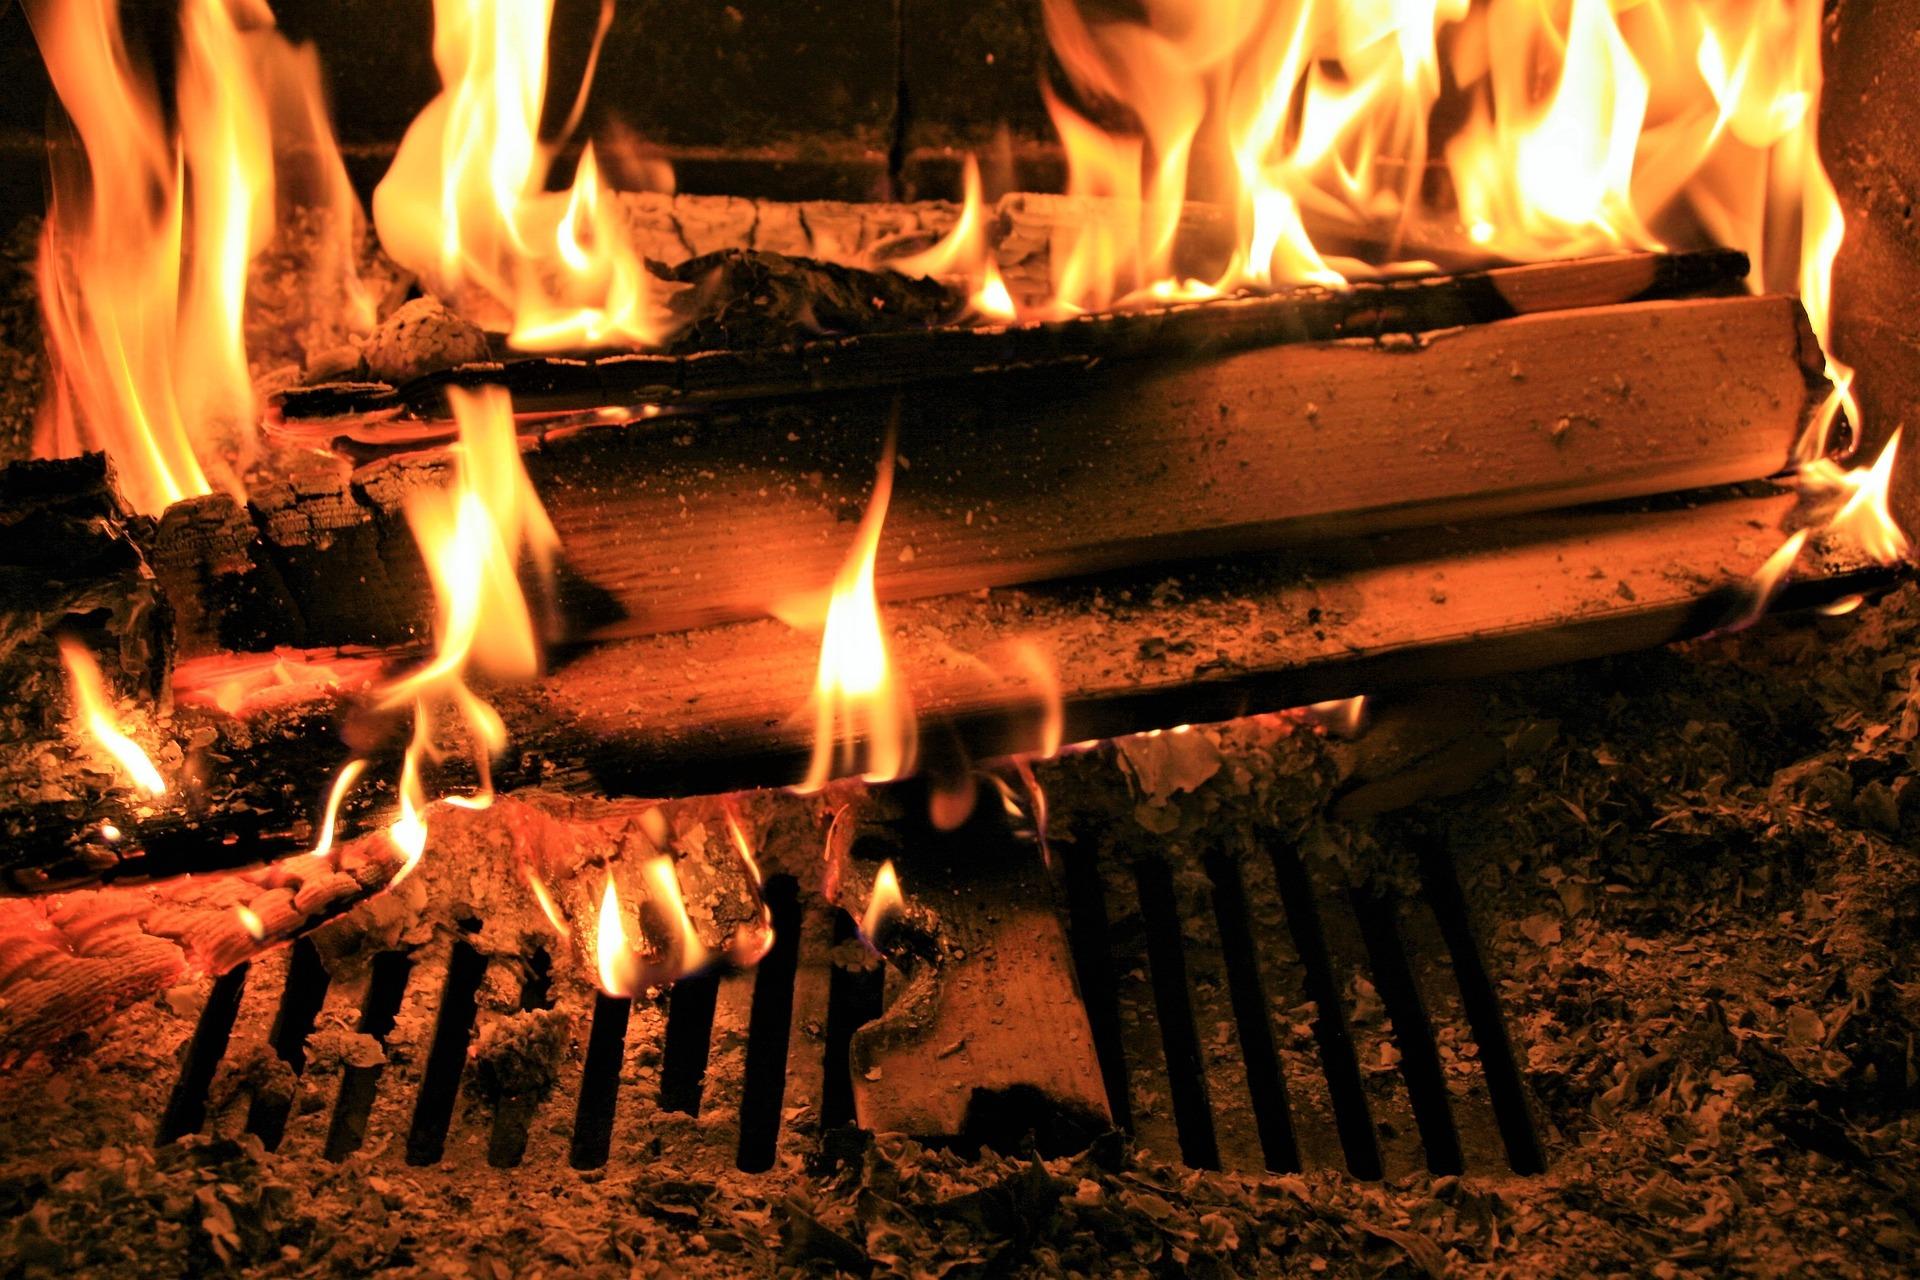 Chauffage en bois: un système avantageux pour les consommateurs